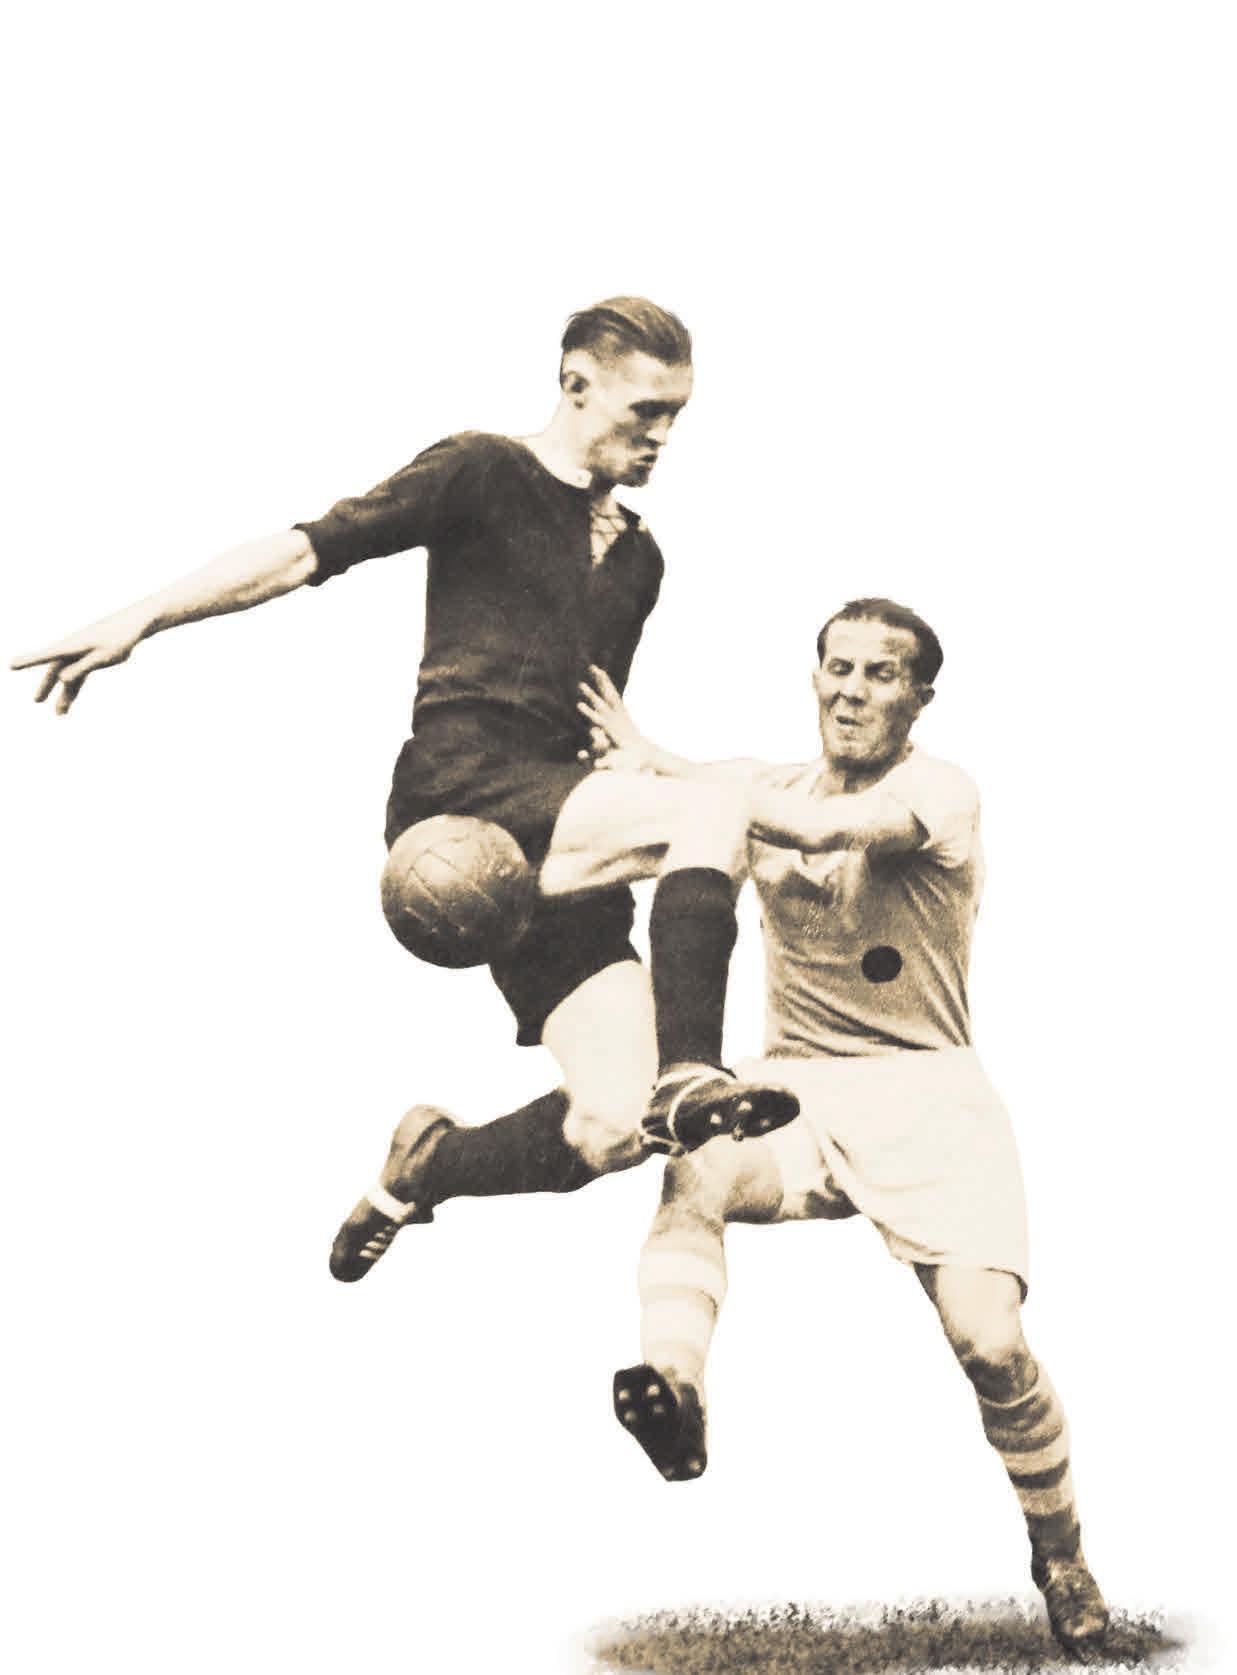 Schenken sich nichts: So wie Hannover 96 und Schalke 04 liefern sich 1938 auch der Hannoveraner Willi Petzold (links) und Ernst Kuzorra verbissene Duelle um den Titel. Florian Petrow